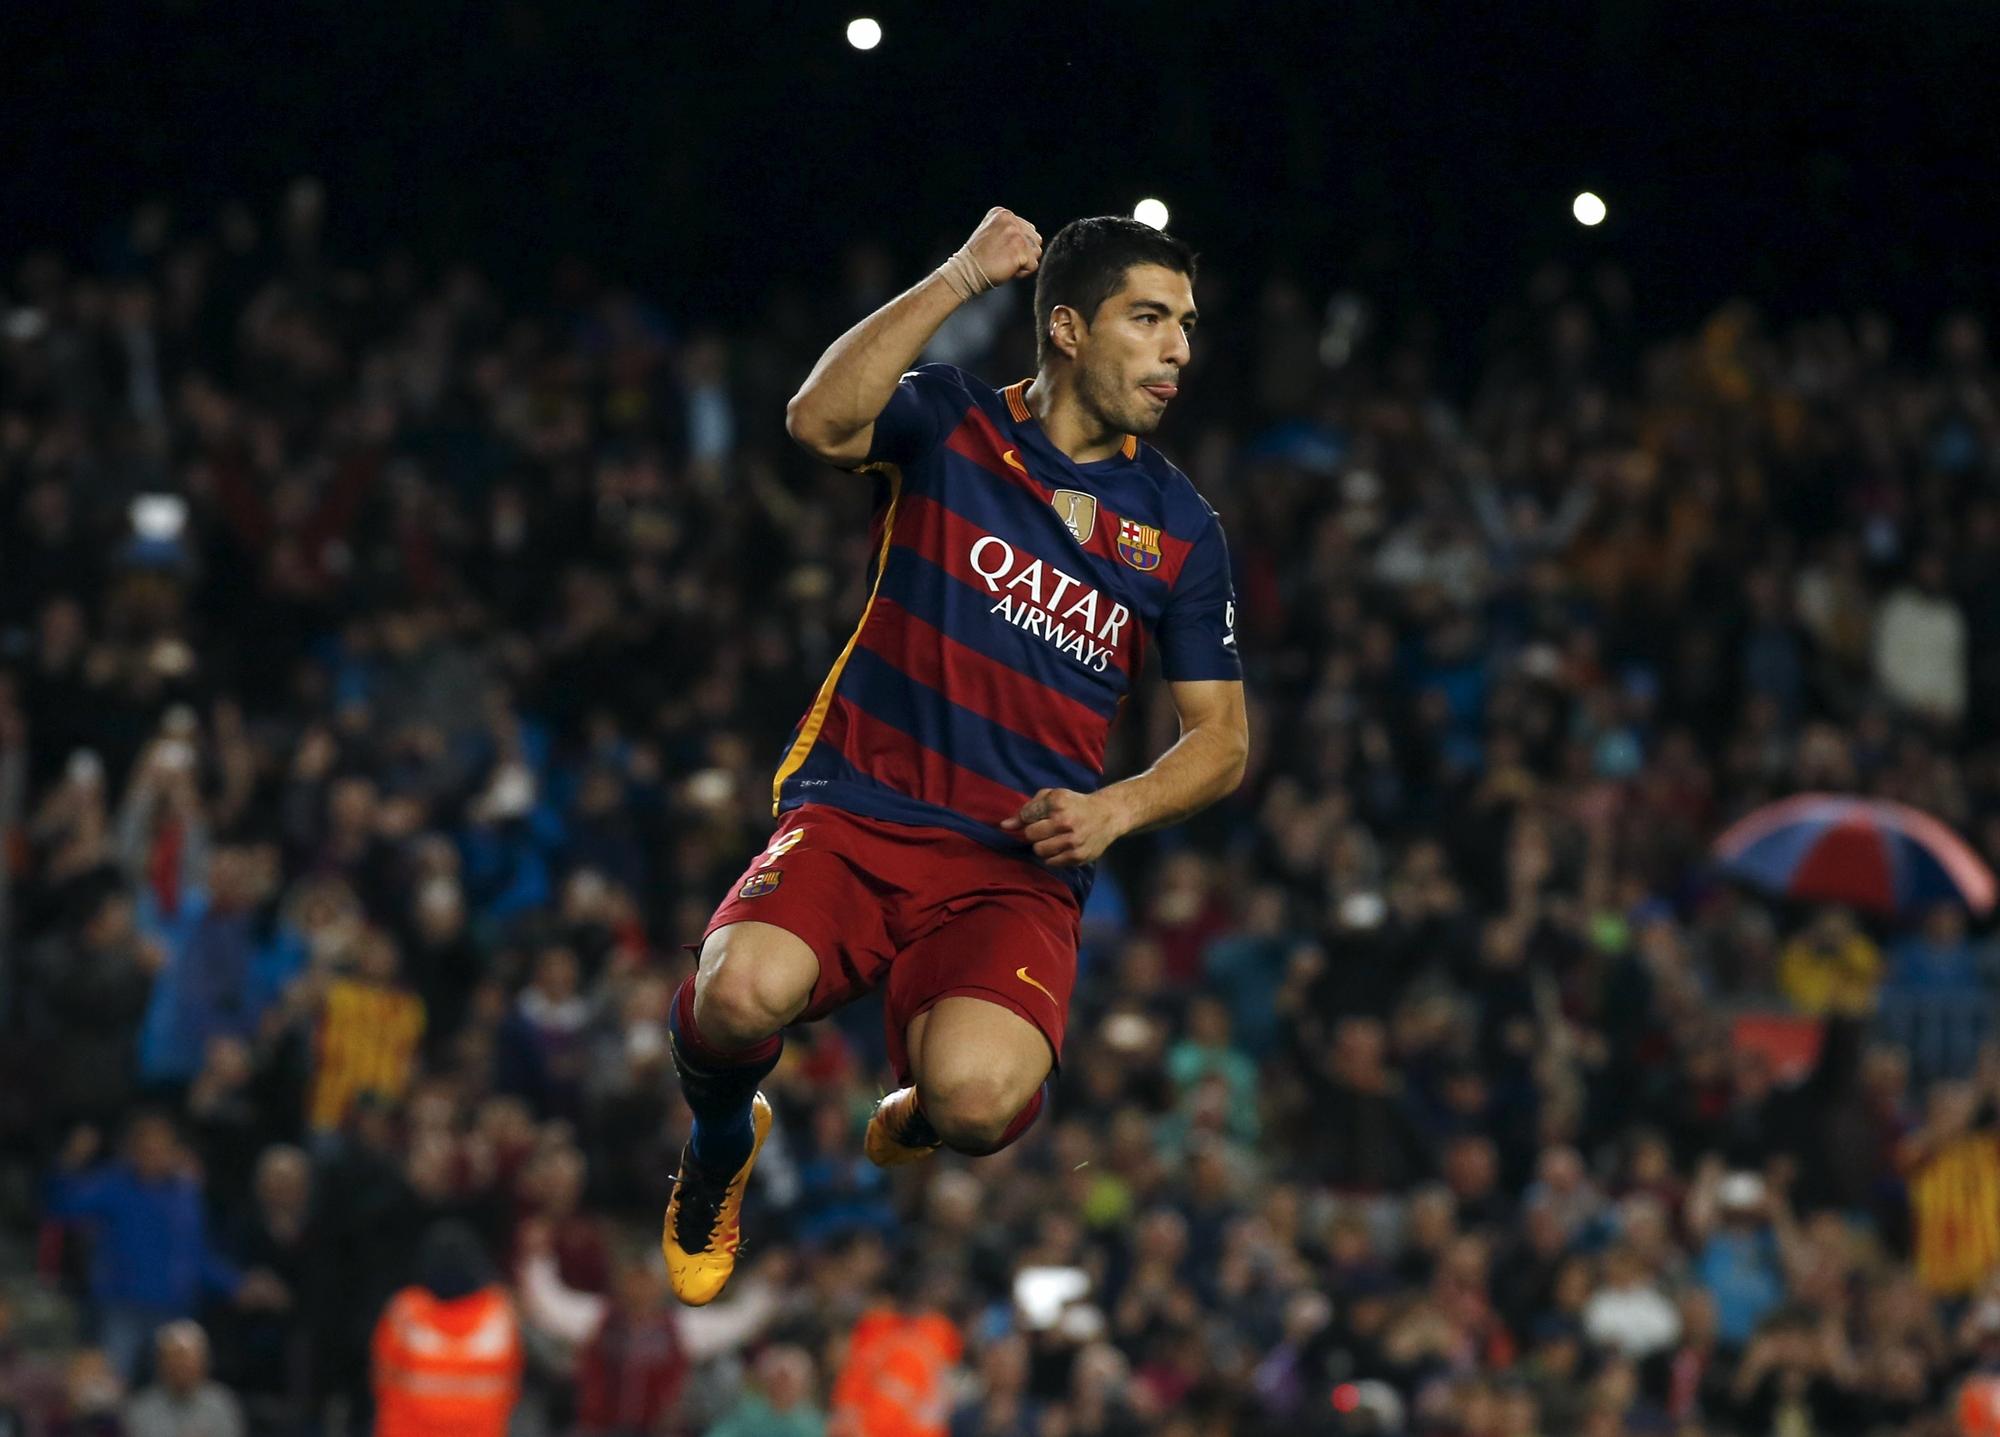 afa74ad70c Melhor do mundo  Suárez supera CR7 e Messi em números nesta temporada